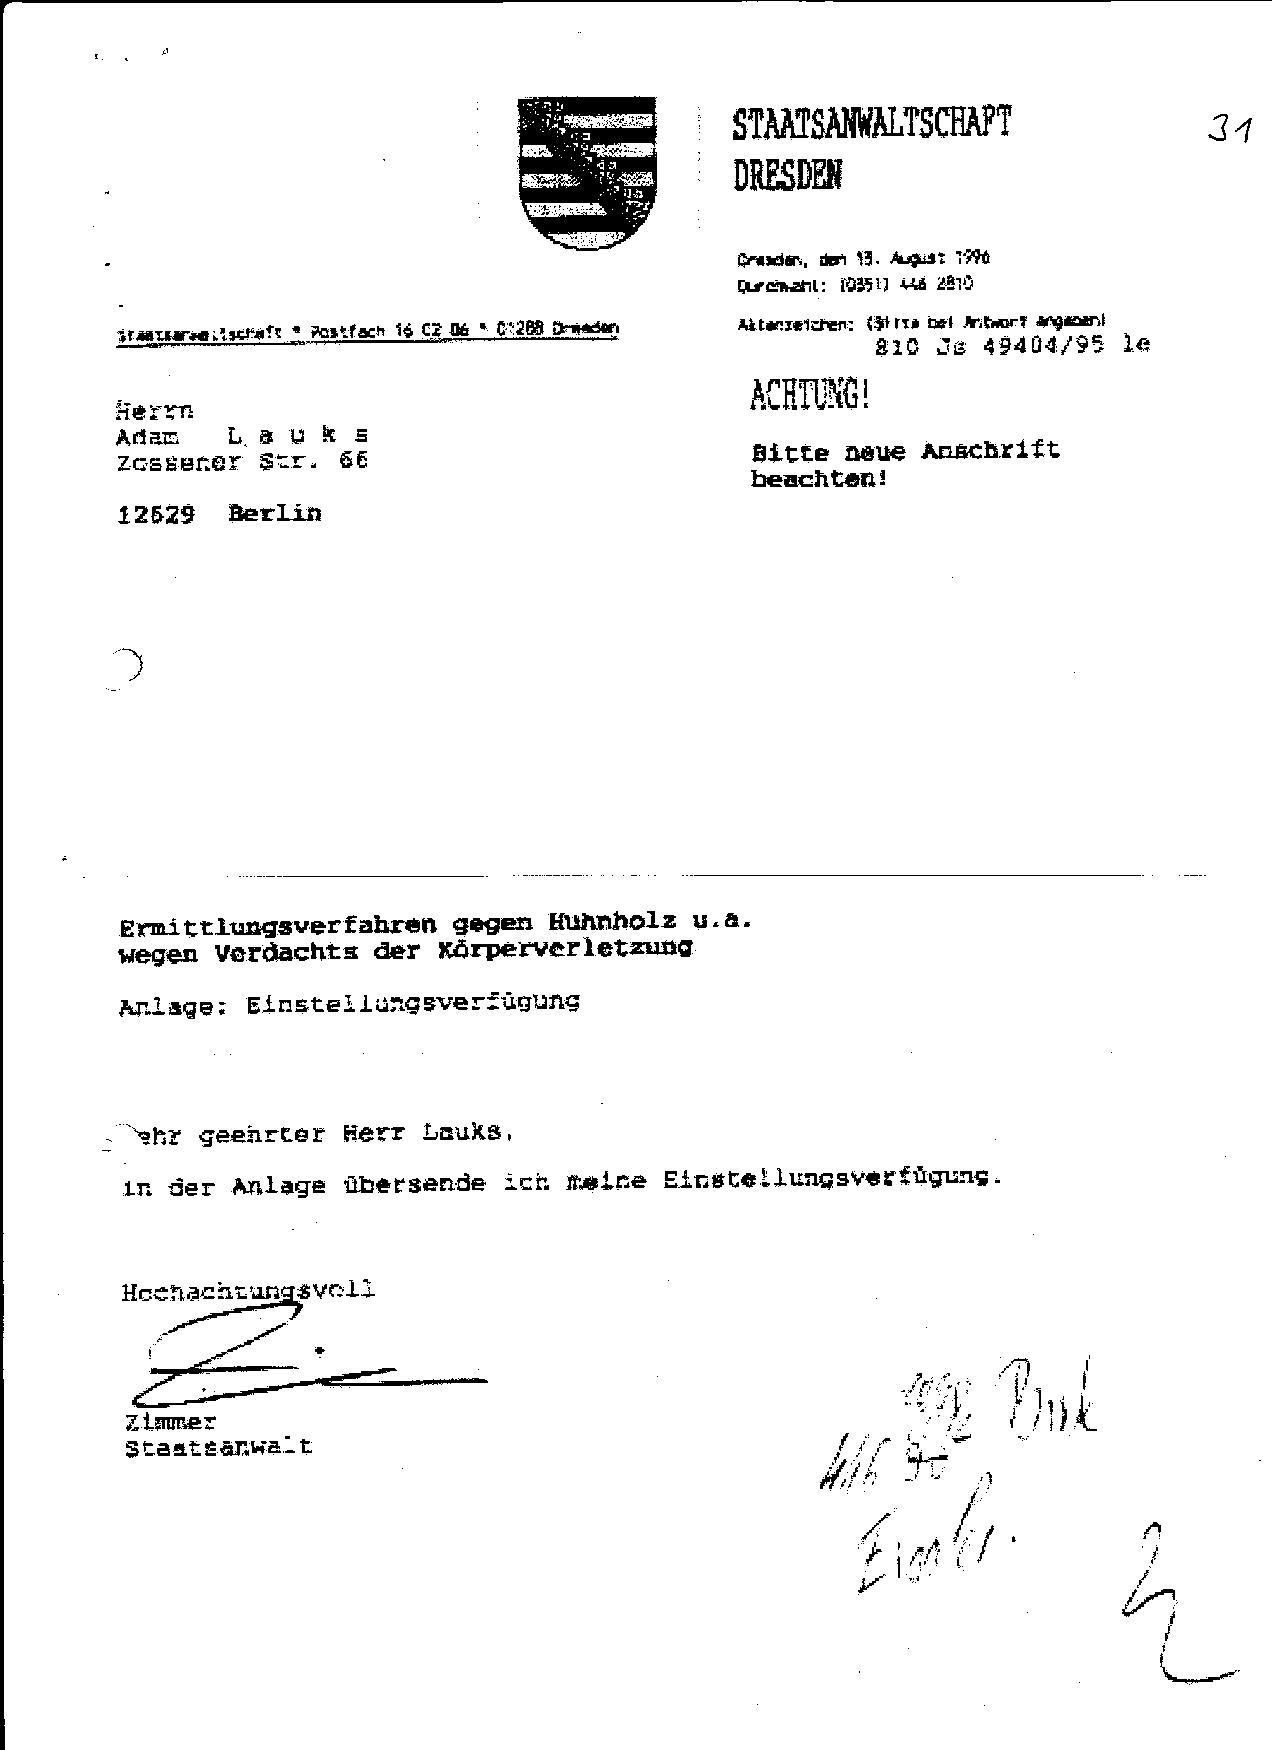 Ermittlungsverfahren auf Strafantrag wg. Folter 272 Js 2215 -11 036